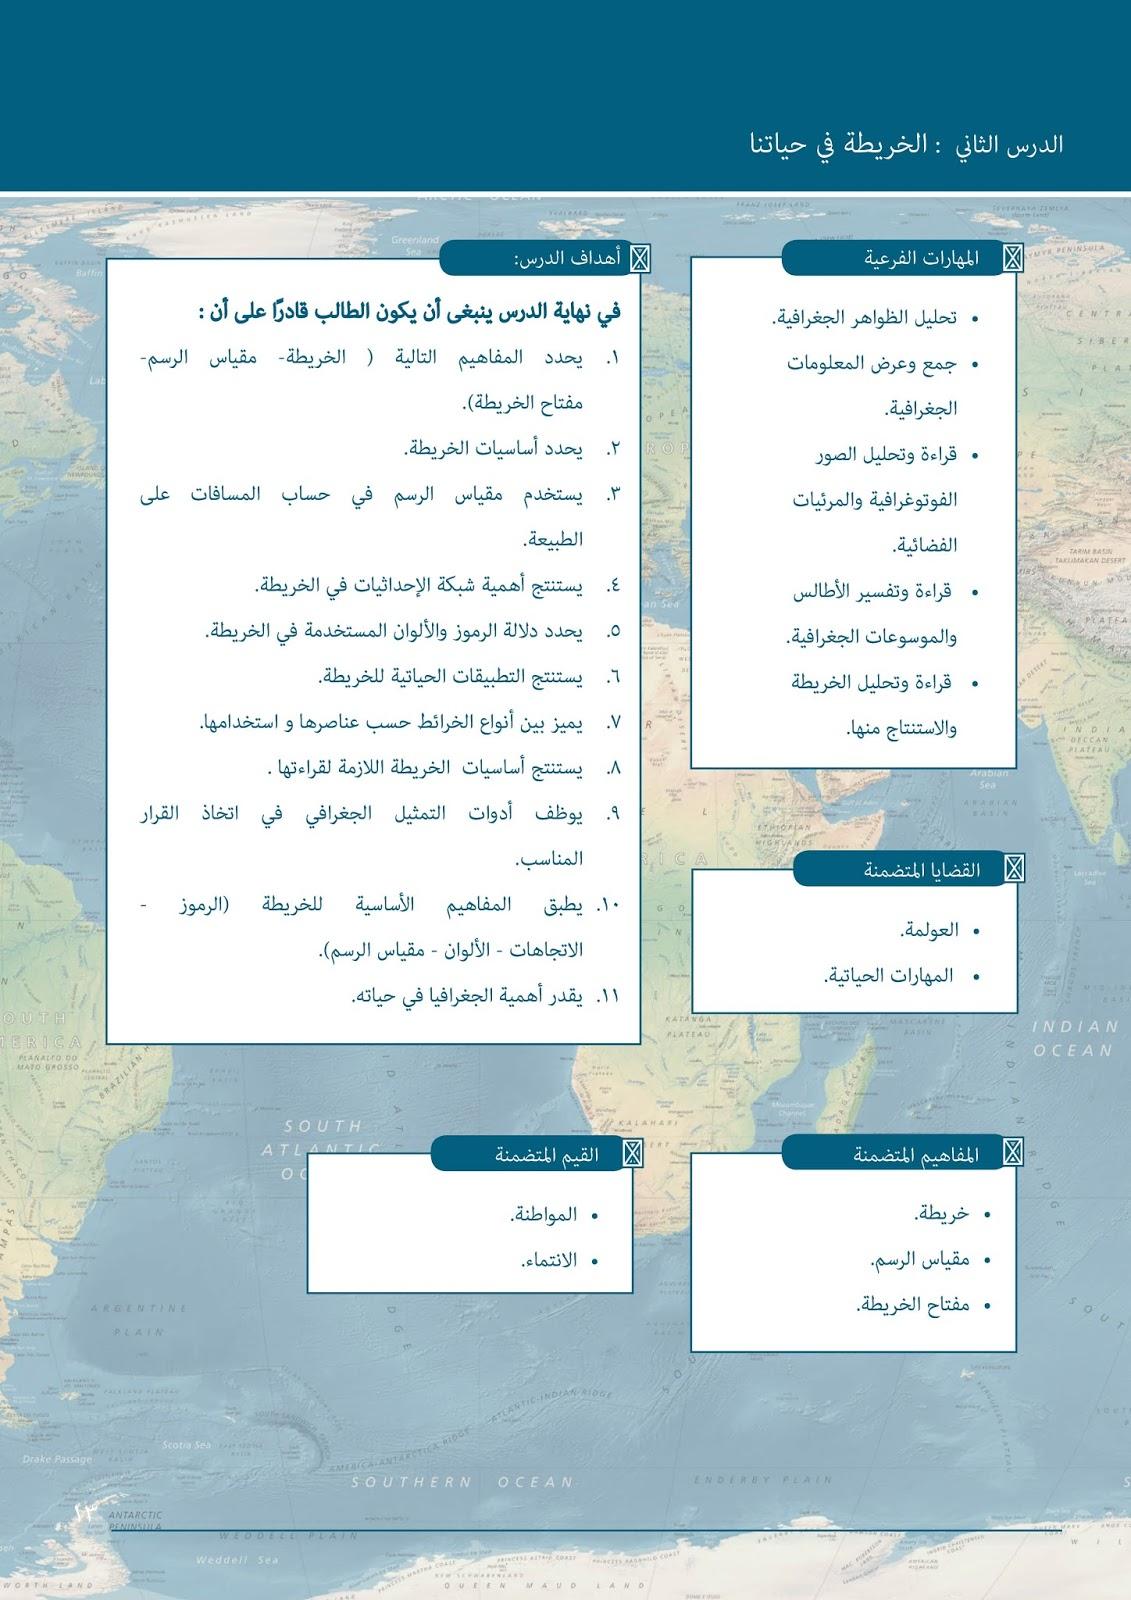 انفراد منهج الجغرافيا للصف الاول الثانوى 2013/2014 مناهج جديدة انفراد منهج الجغرافيا للصف الاول الثانوى 2013/2014 - صفحة 5 Geo+SEC+2013+U113